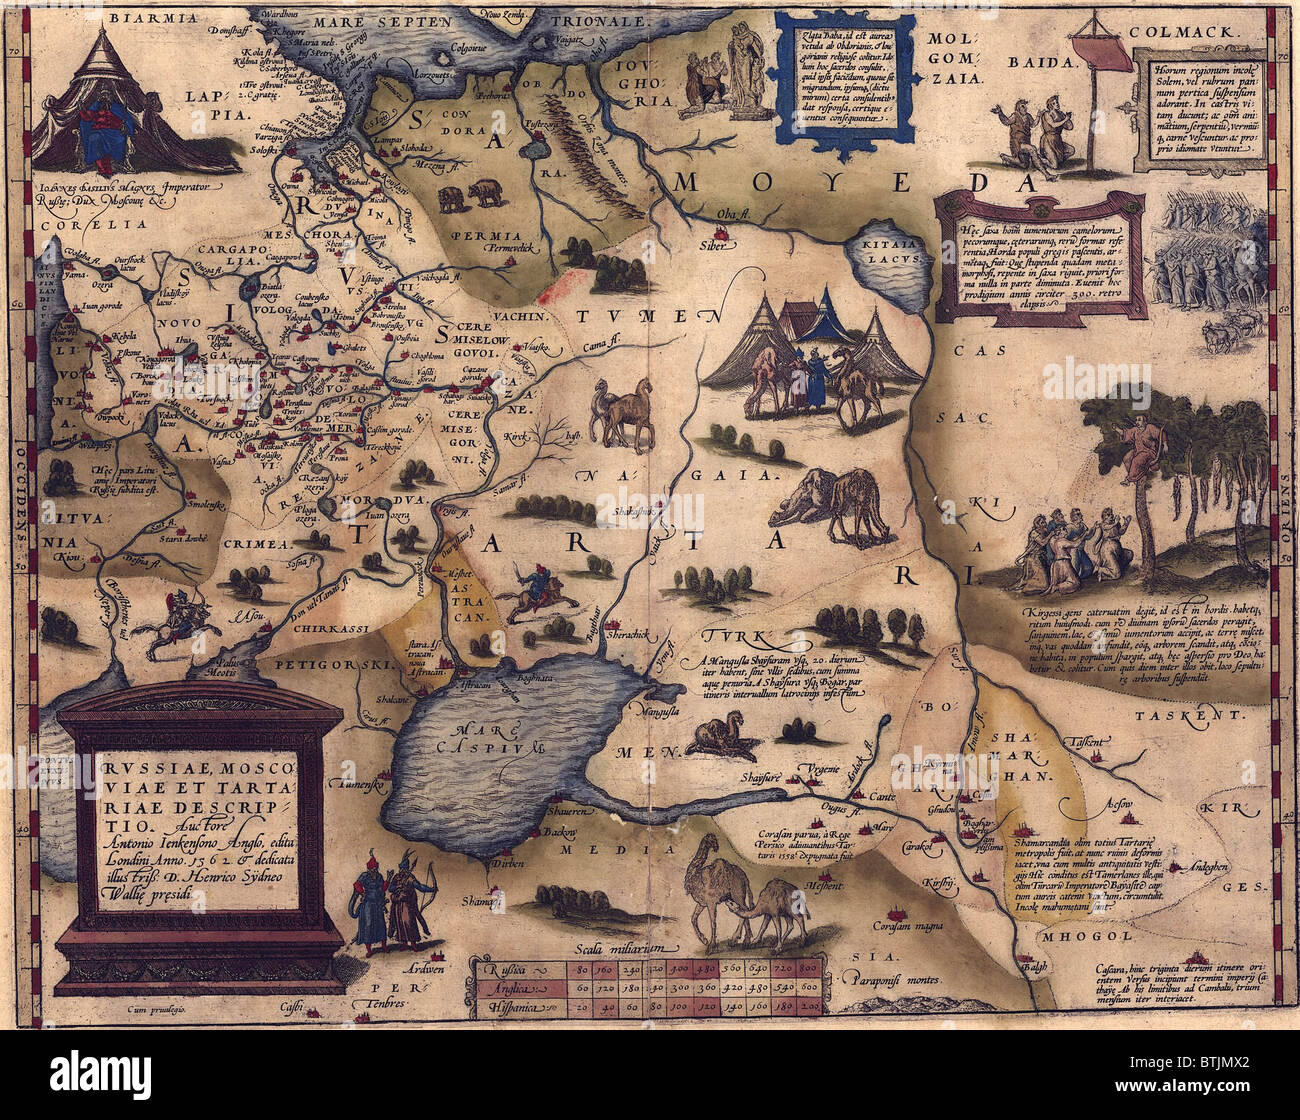 Carte De Leurope Occupee.1570 Carte De La Russie Alors Confine A L Europe Sans Acces A La